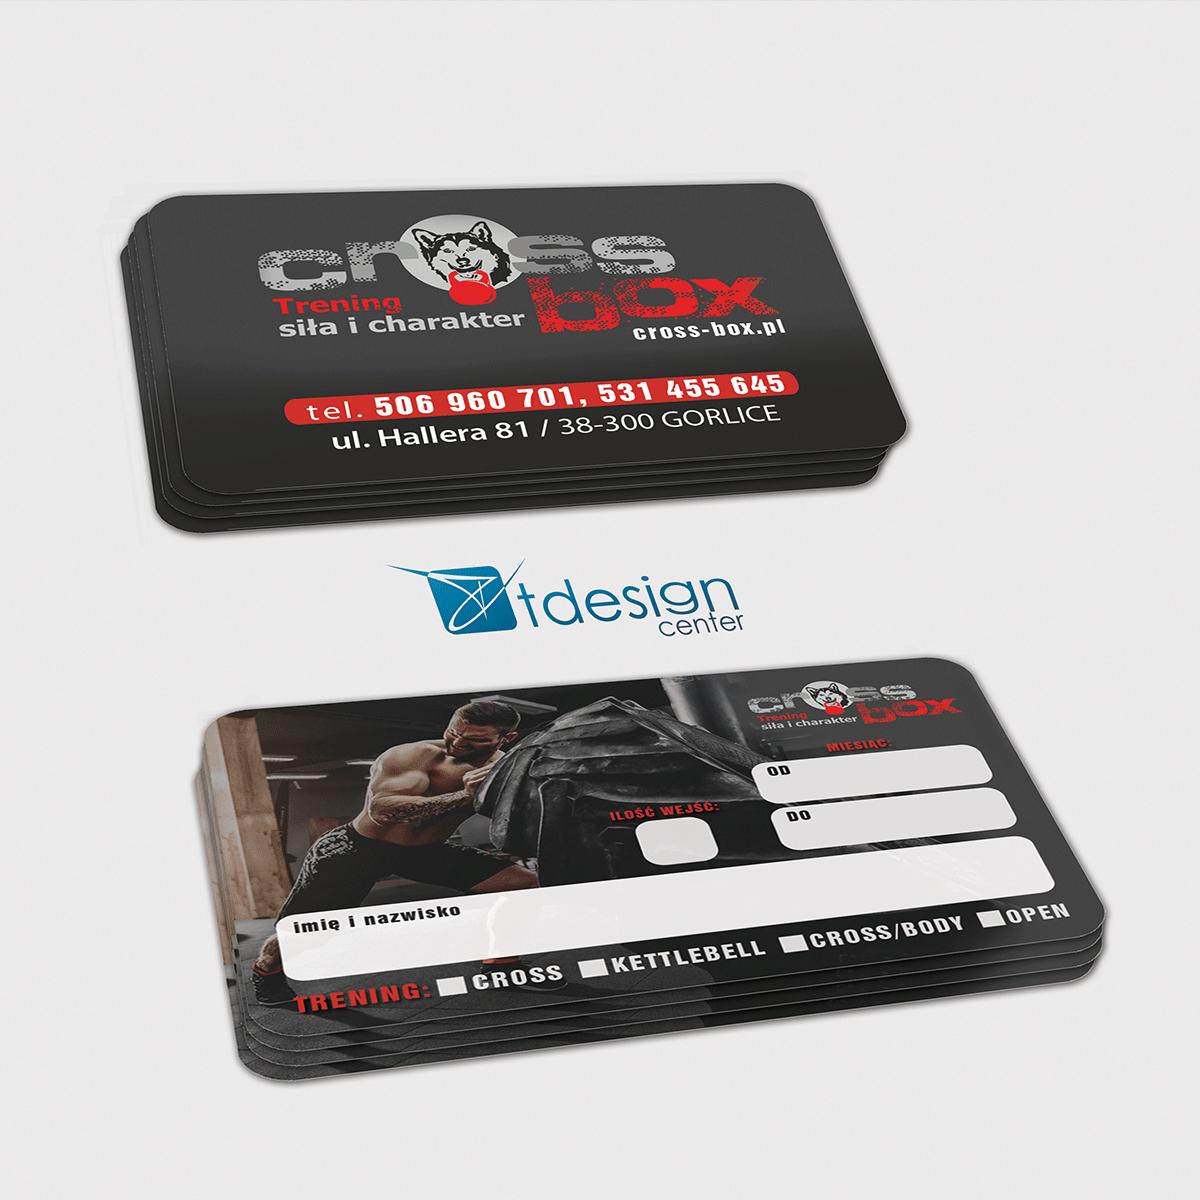 Karty biznesowe 85x54mm, projekt + druk, realizacja dla klubu sportowego Cross Box Gorlice